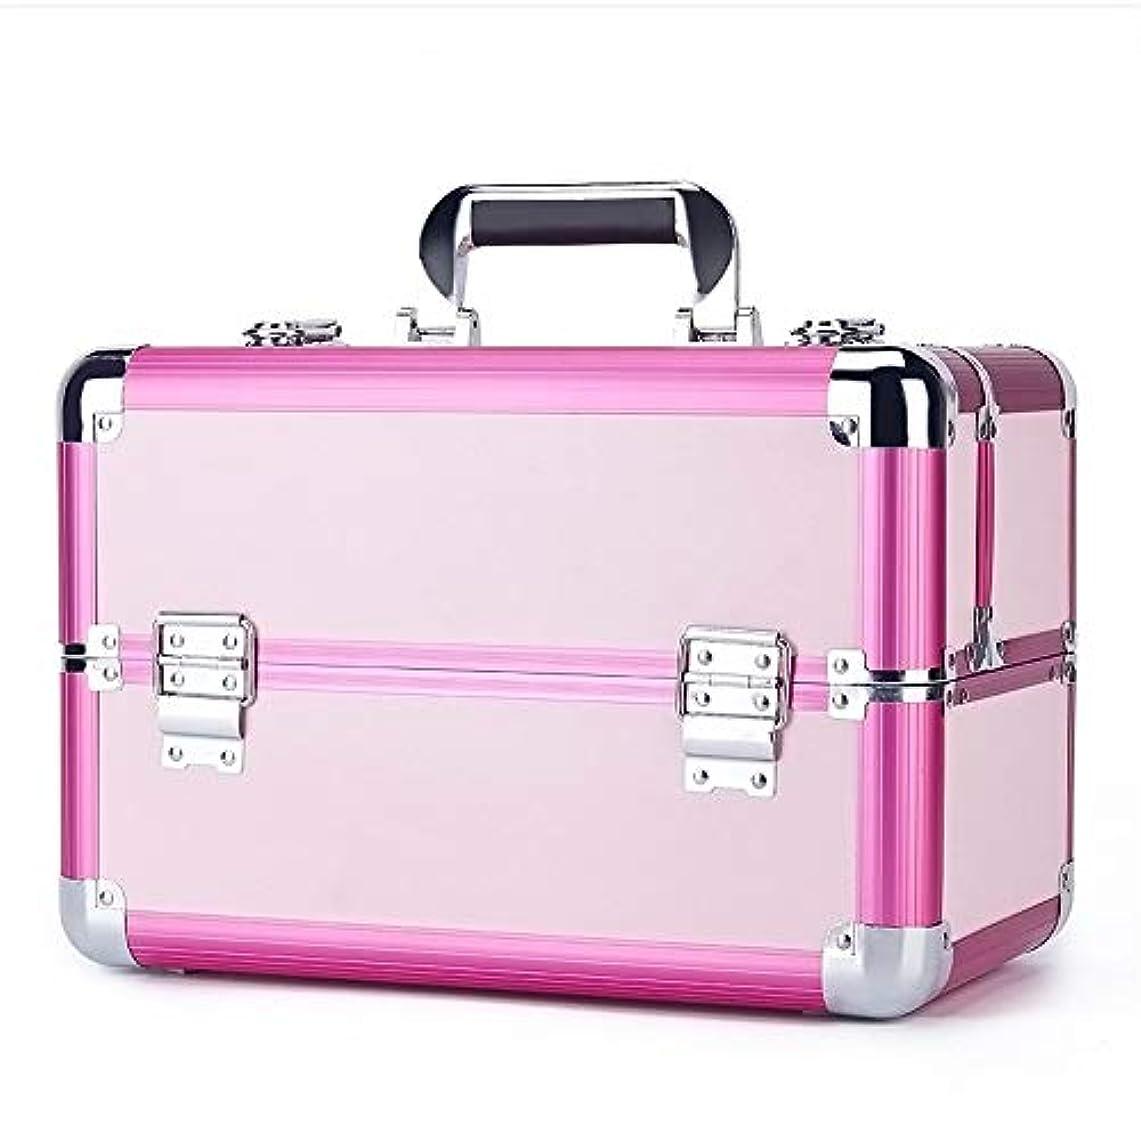 サークル失敗ネブ化粧オーガナイザーバッグ 旅行メイクアップバッグパターンメイクアップアーティストケーストレインボックス化粧品オーガナイザー収納用十代の女の子女性アーティスト 化粧品ケース (色 : ピンク)